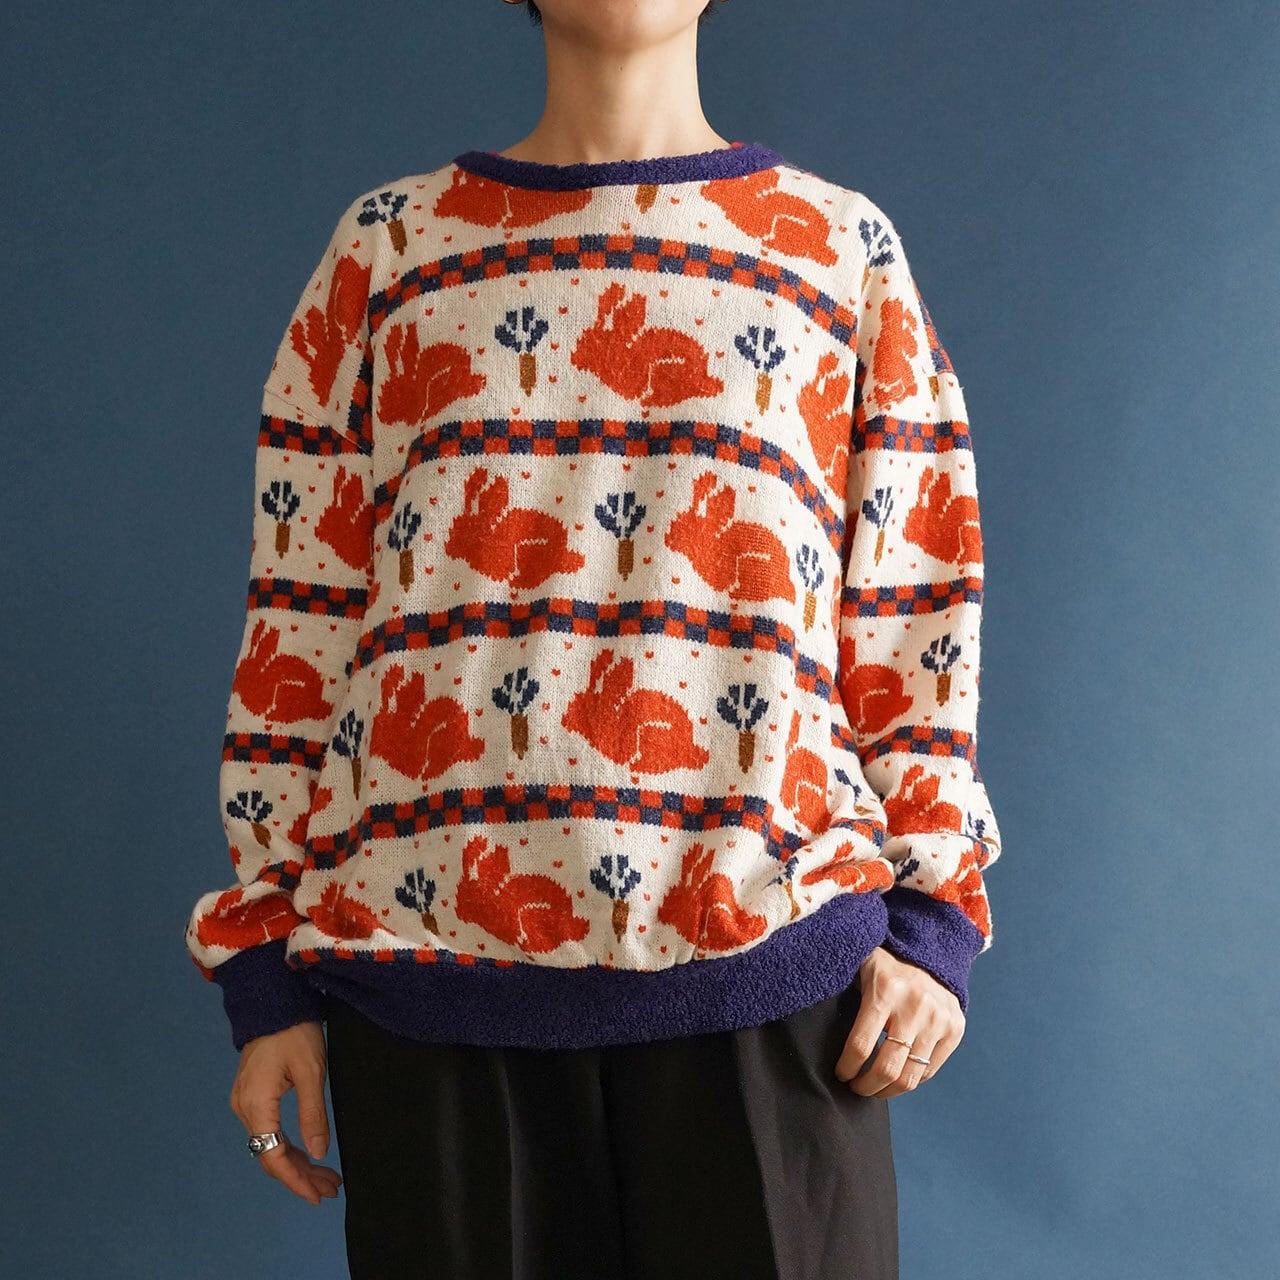 【送料無料】70's Ivory Sweater With Rabbits